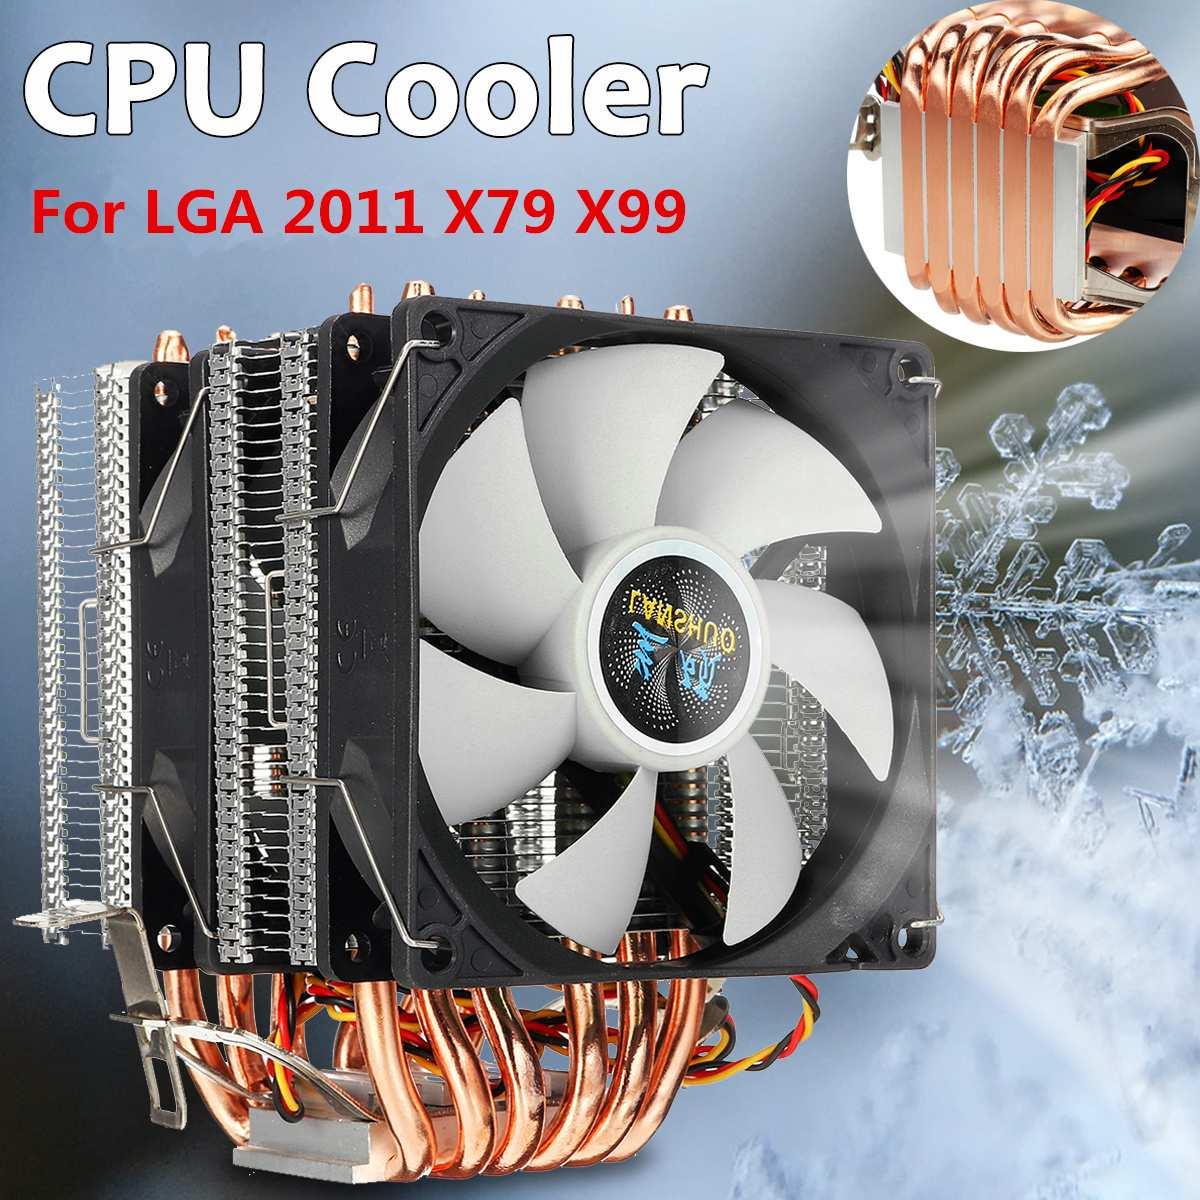 LGA 2011 RGB وحدة المعالجة المركزية برودة 6 أنابيب الحرارة المبرد مروحة التبريد 3Pin مروحة كمبيوتر ل X79 X99 1150/1151/1155/1156/1366/775 ل HUANANZHI